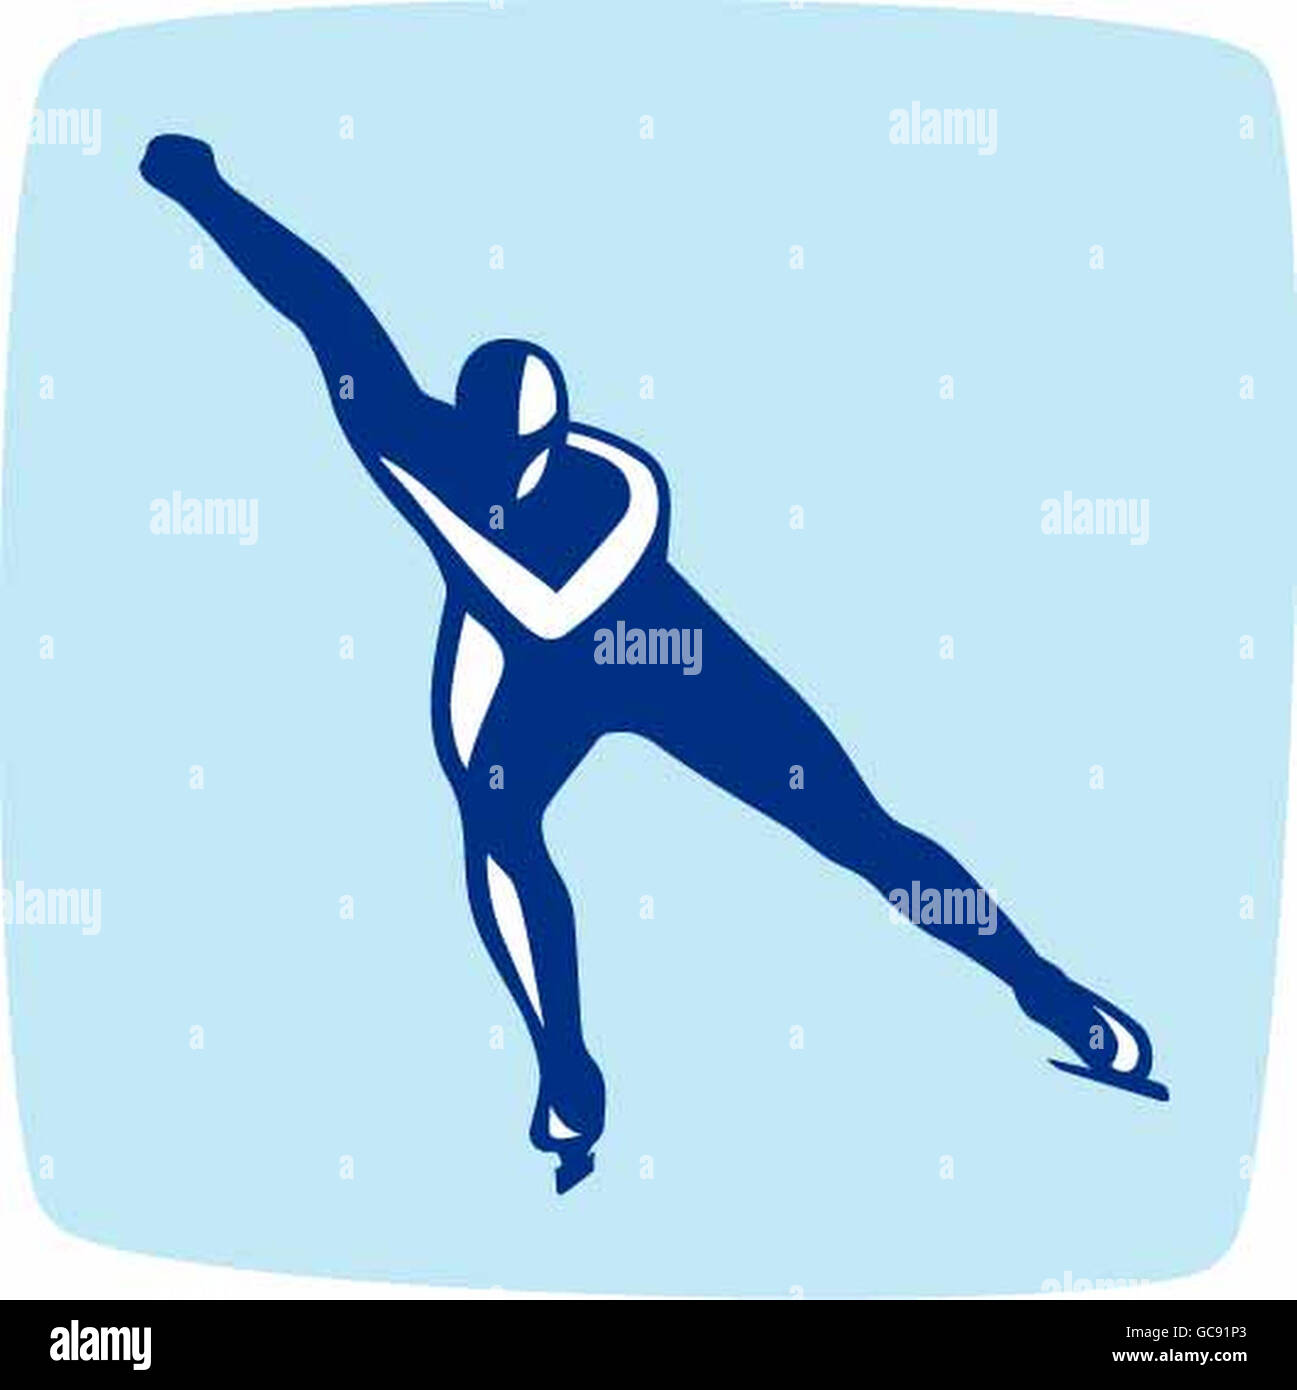 Olimpiadas Juegos Olimpicos De Invierno De Vancouver 2010